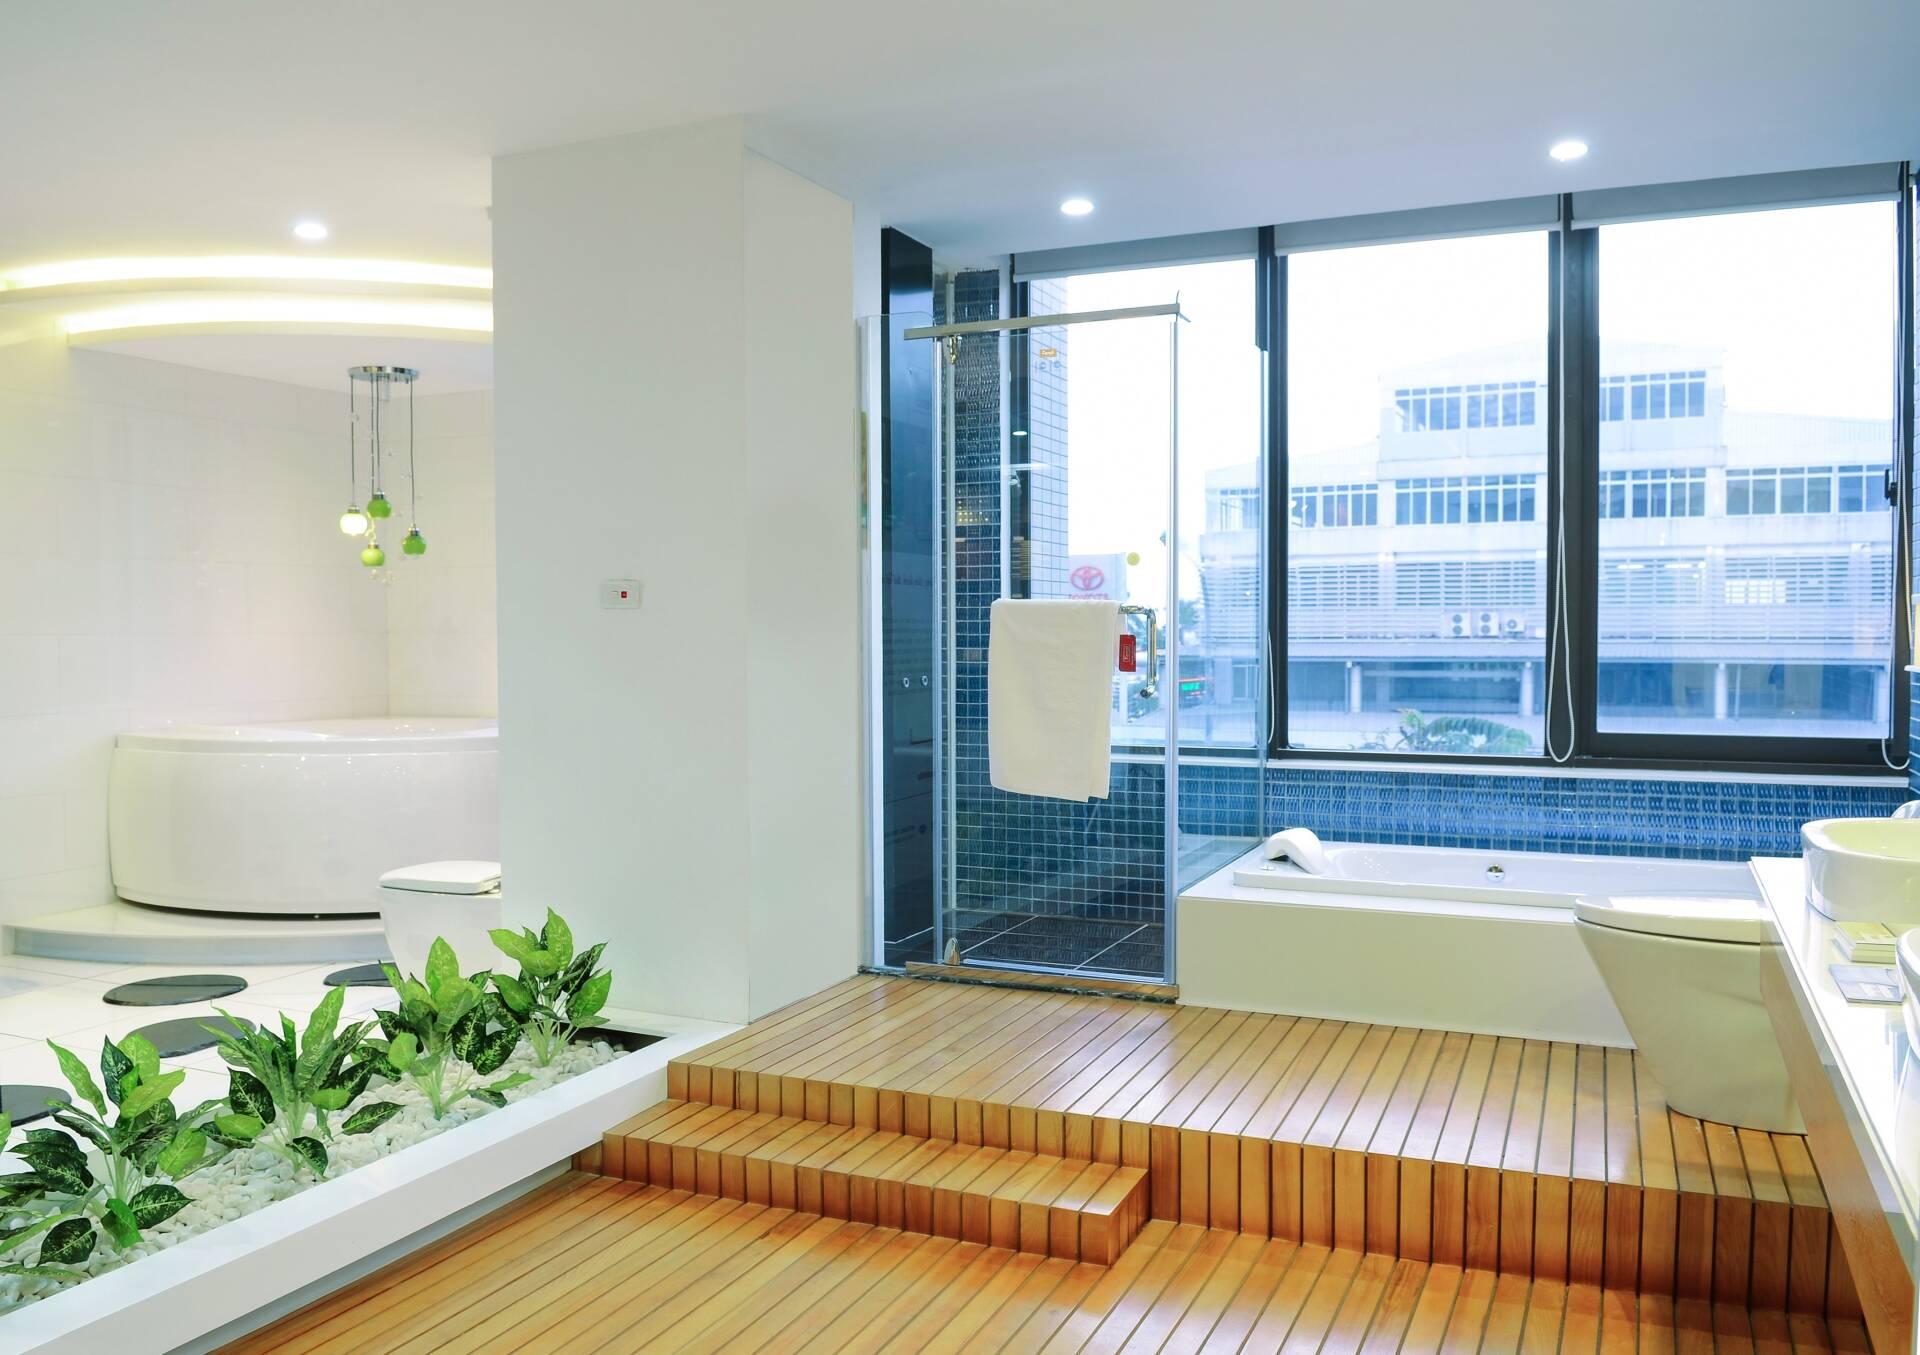 Phòng tắm kính chỉ đóng mở theo 3 vị trí nhất định là 90 độ, 135 độ và 180 độ